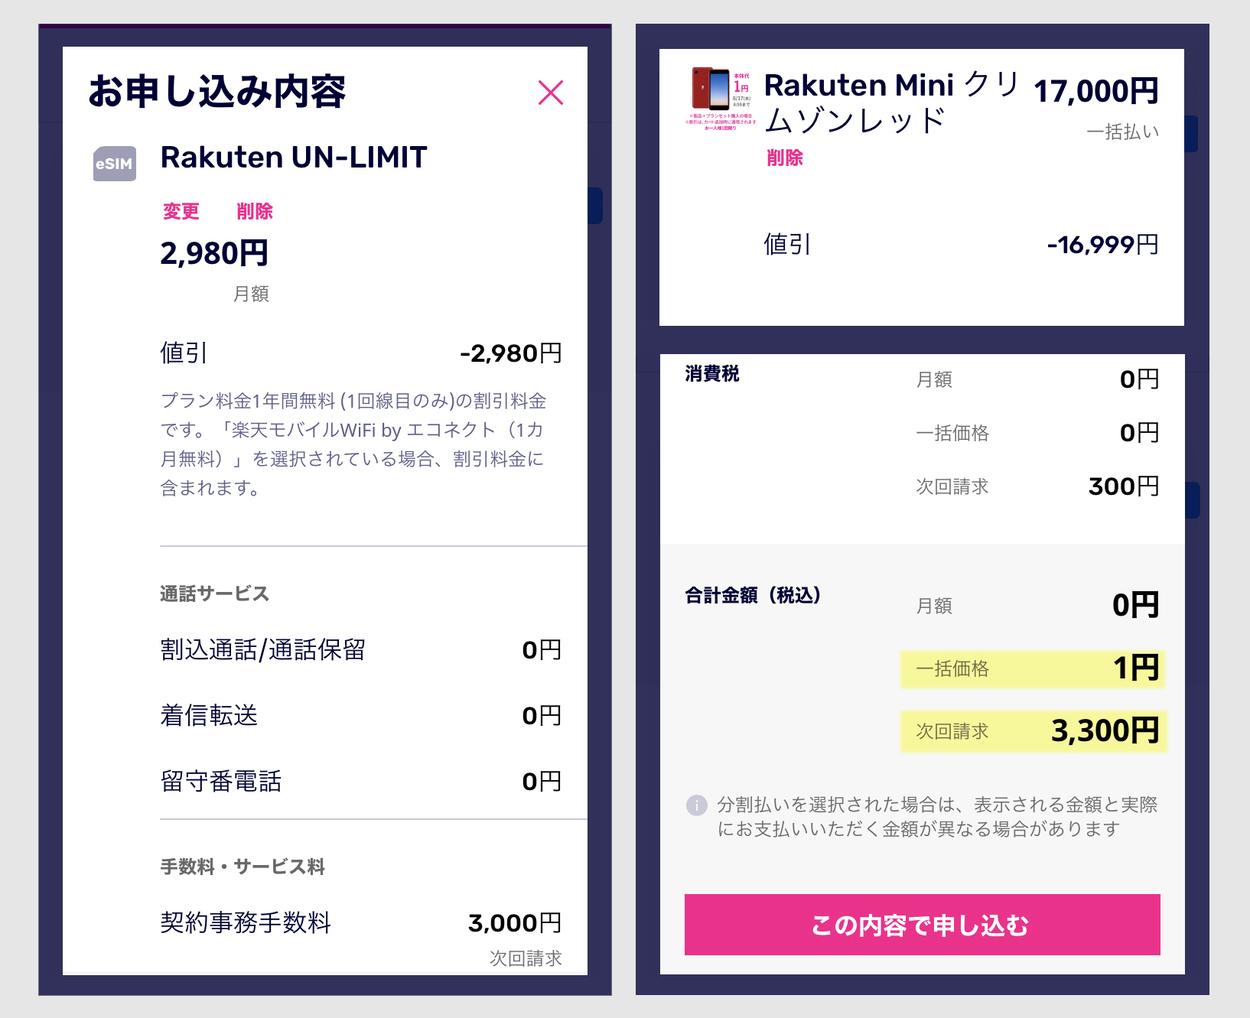 楽天ミニ 1円の申込方法2